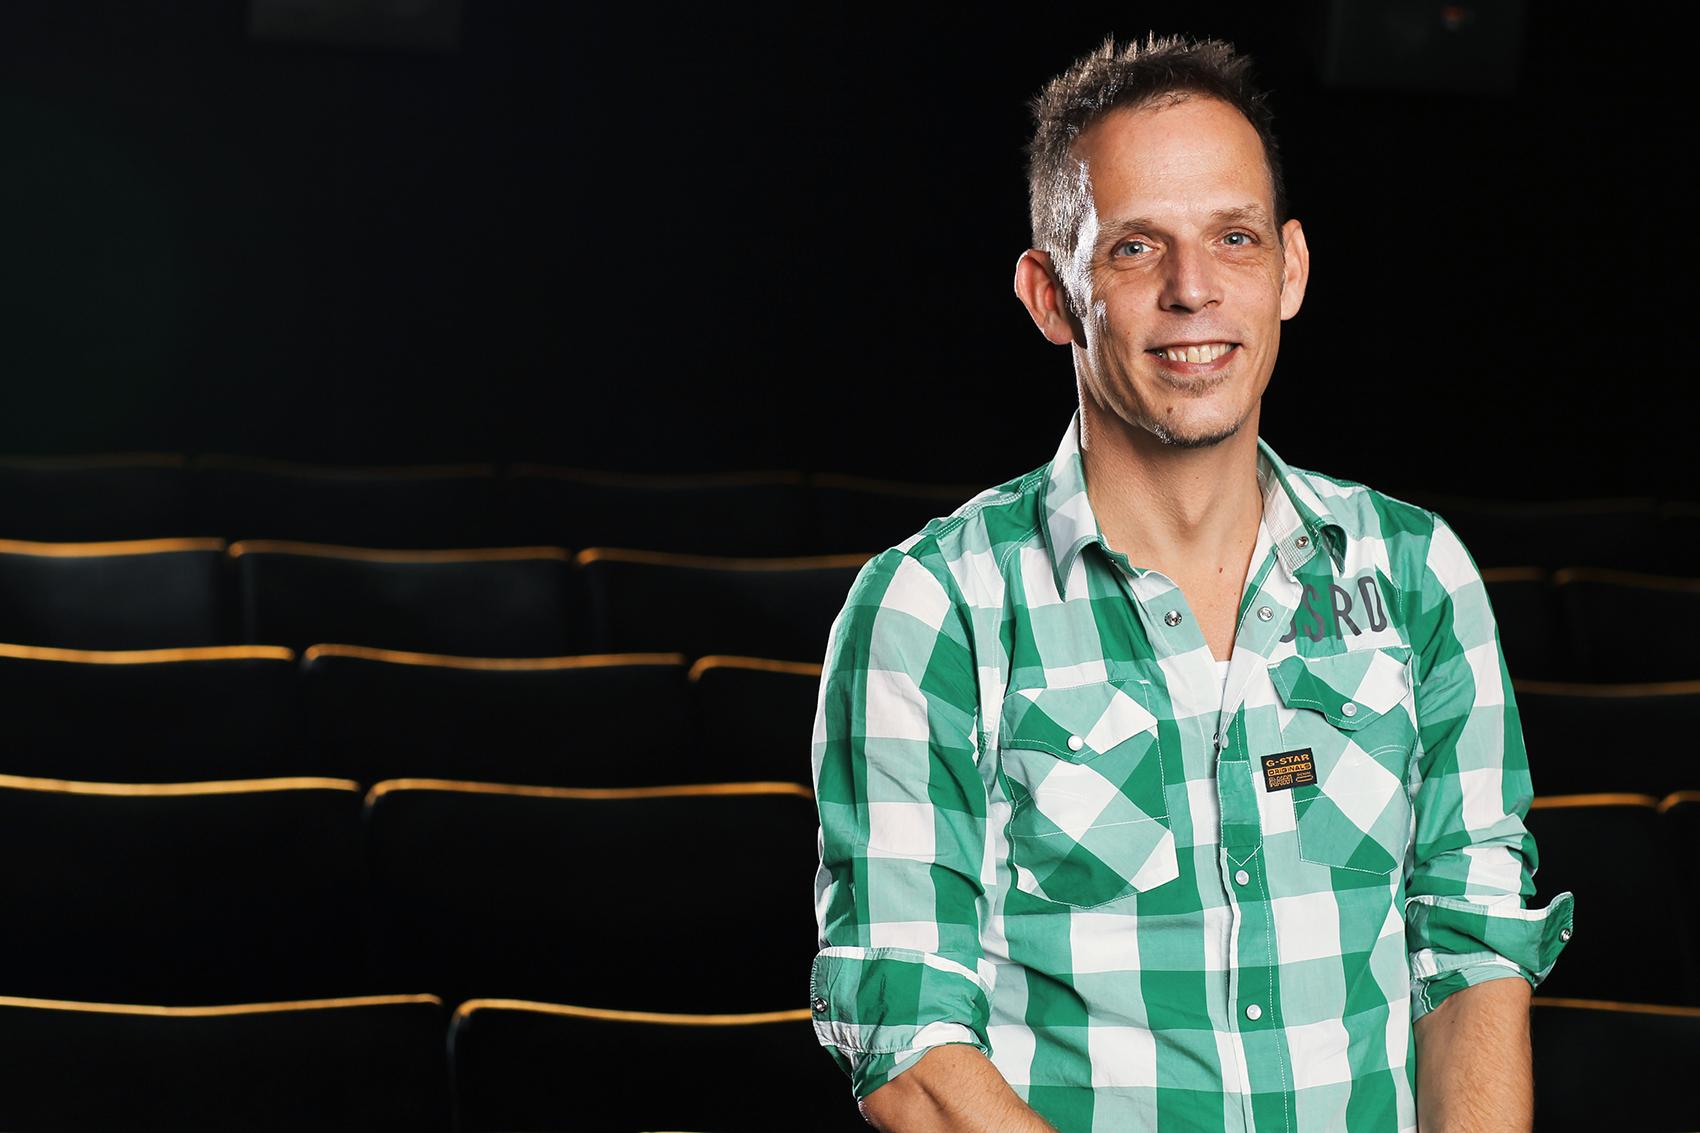 Der Geschäftsführer der «Neugass Kino AG» Res Kessler begrüsst das Verhalten der Kitag nicht.